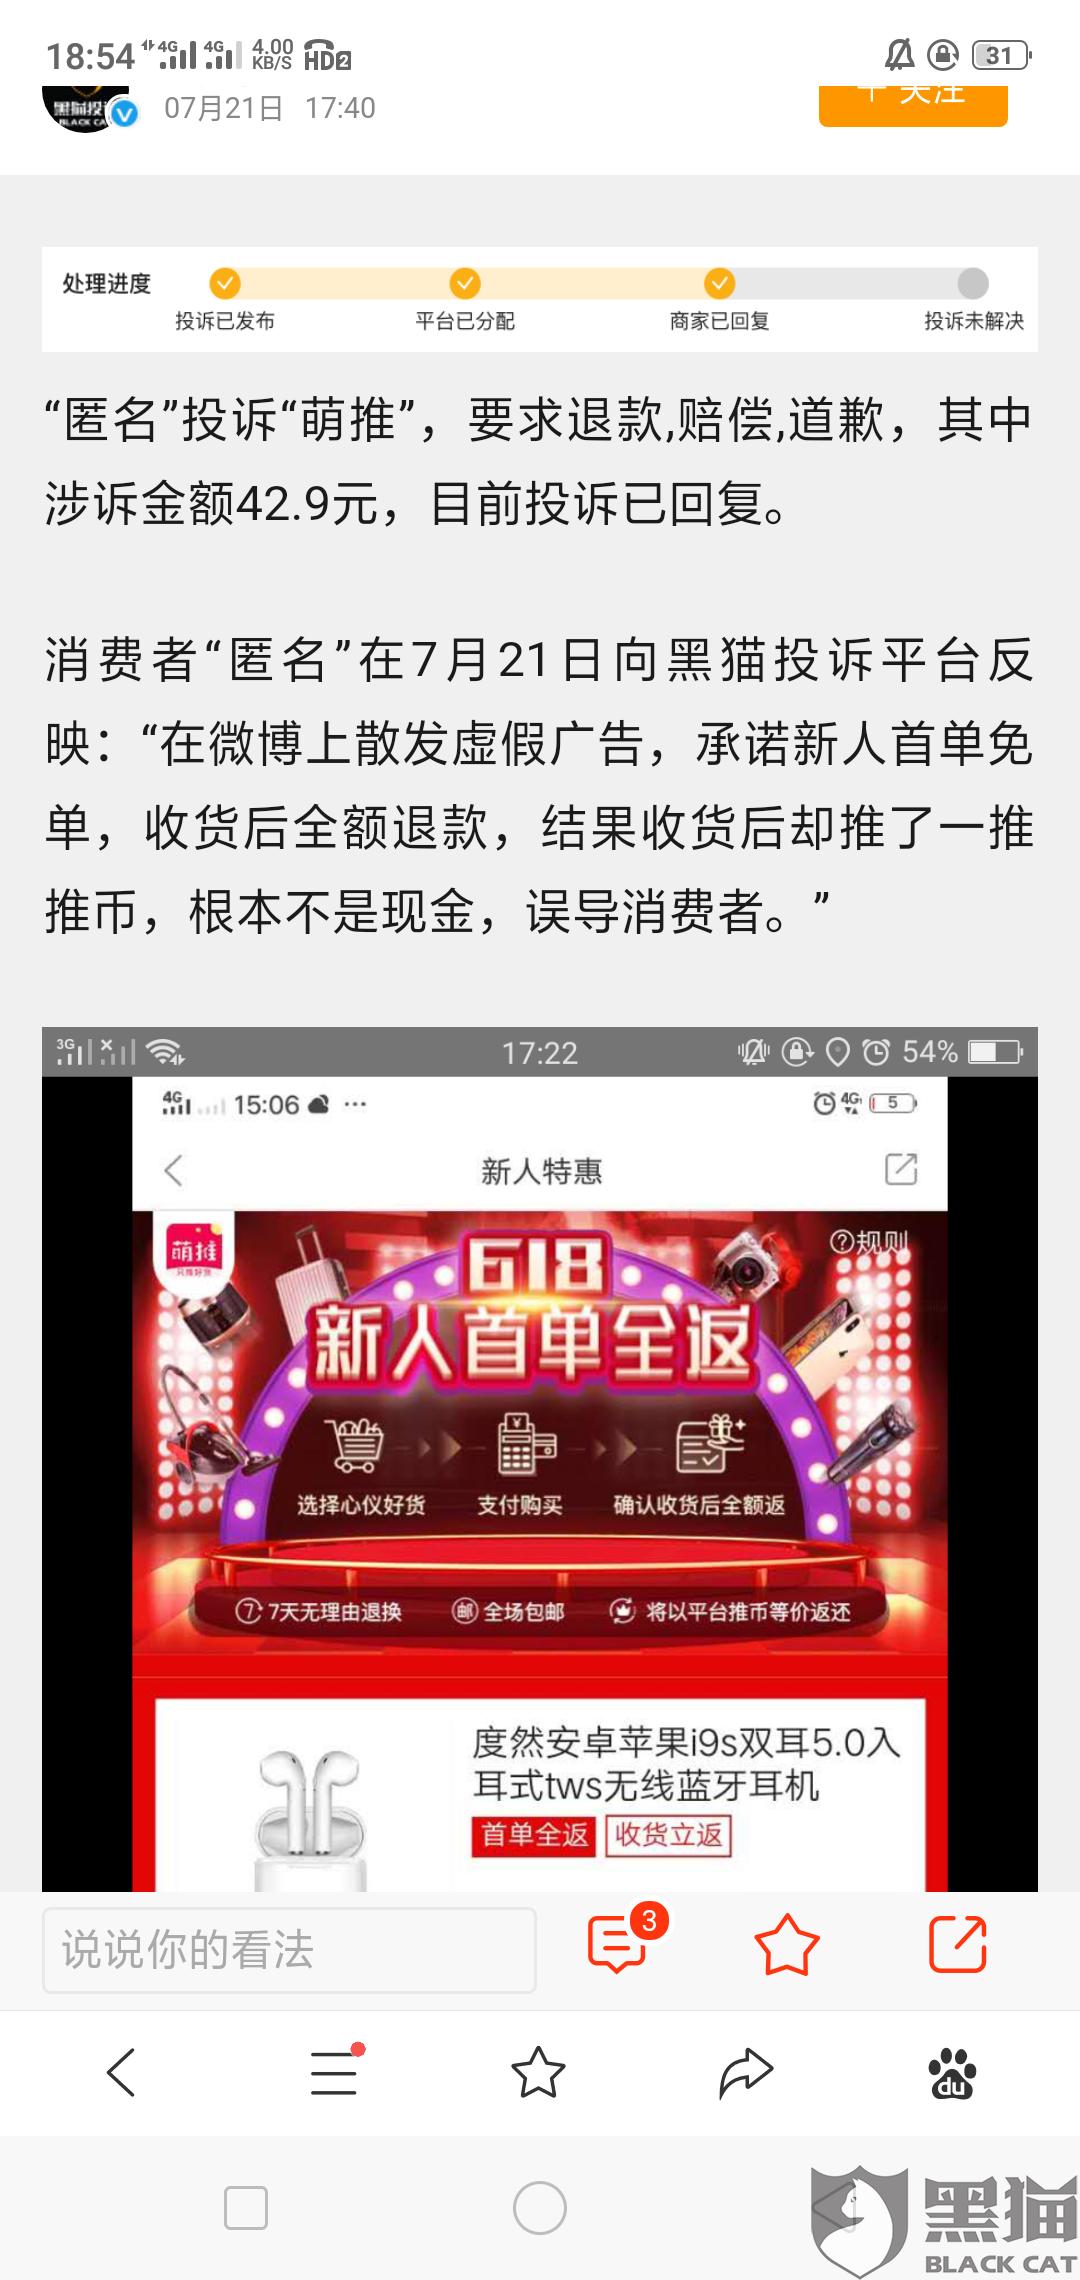 黑猫投诉:名优乐购海淘专营店 虚假信息欺骗消费者